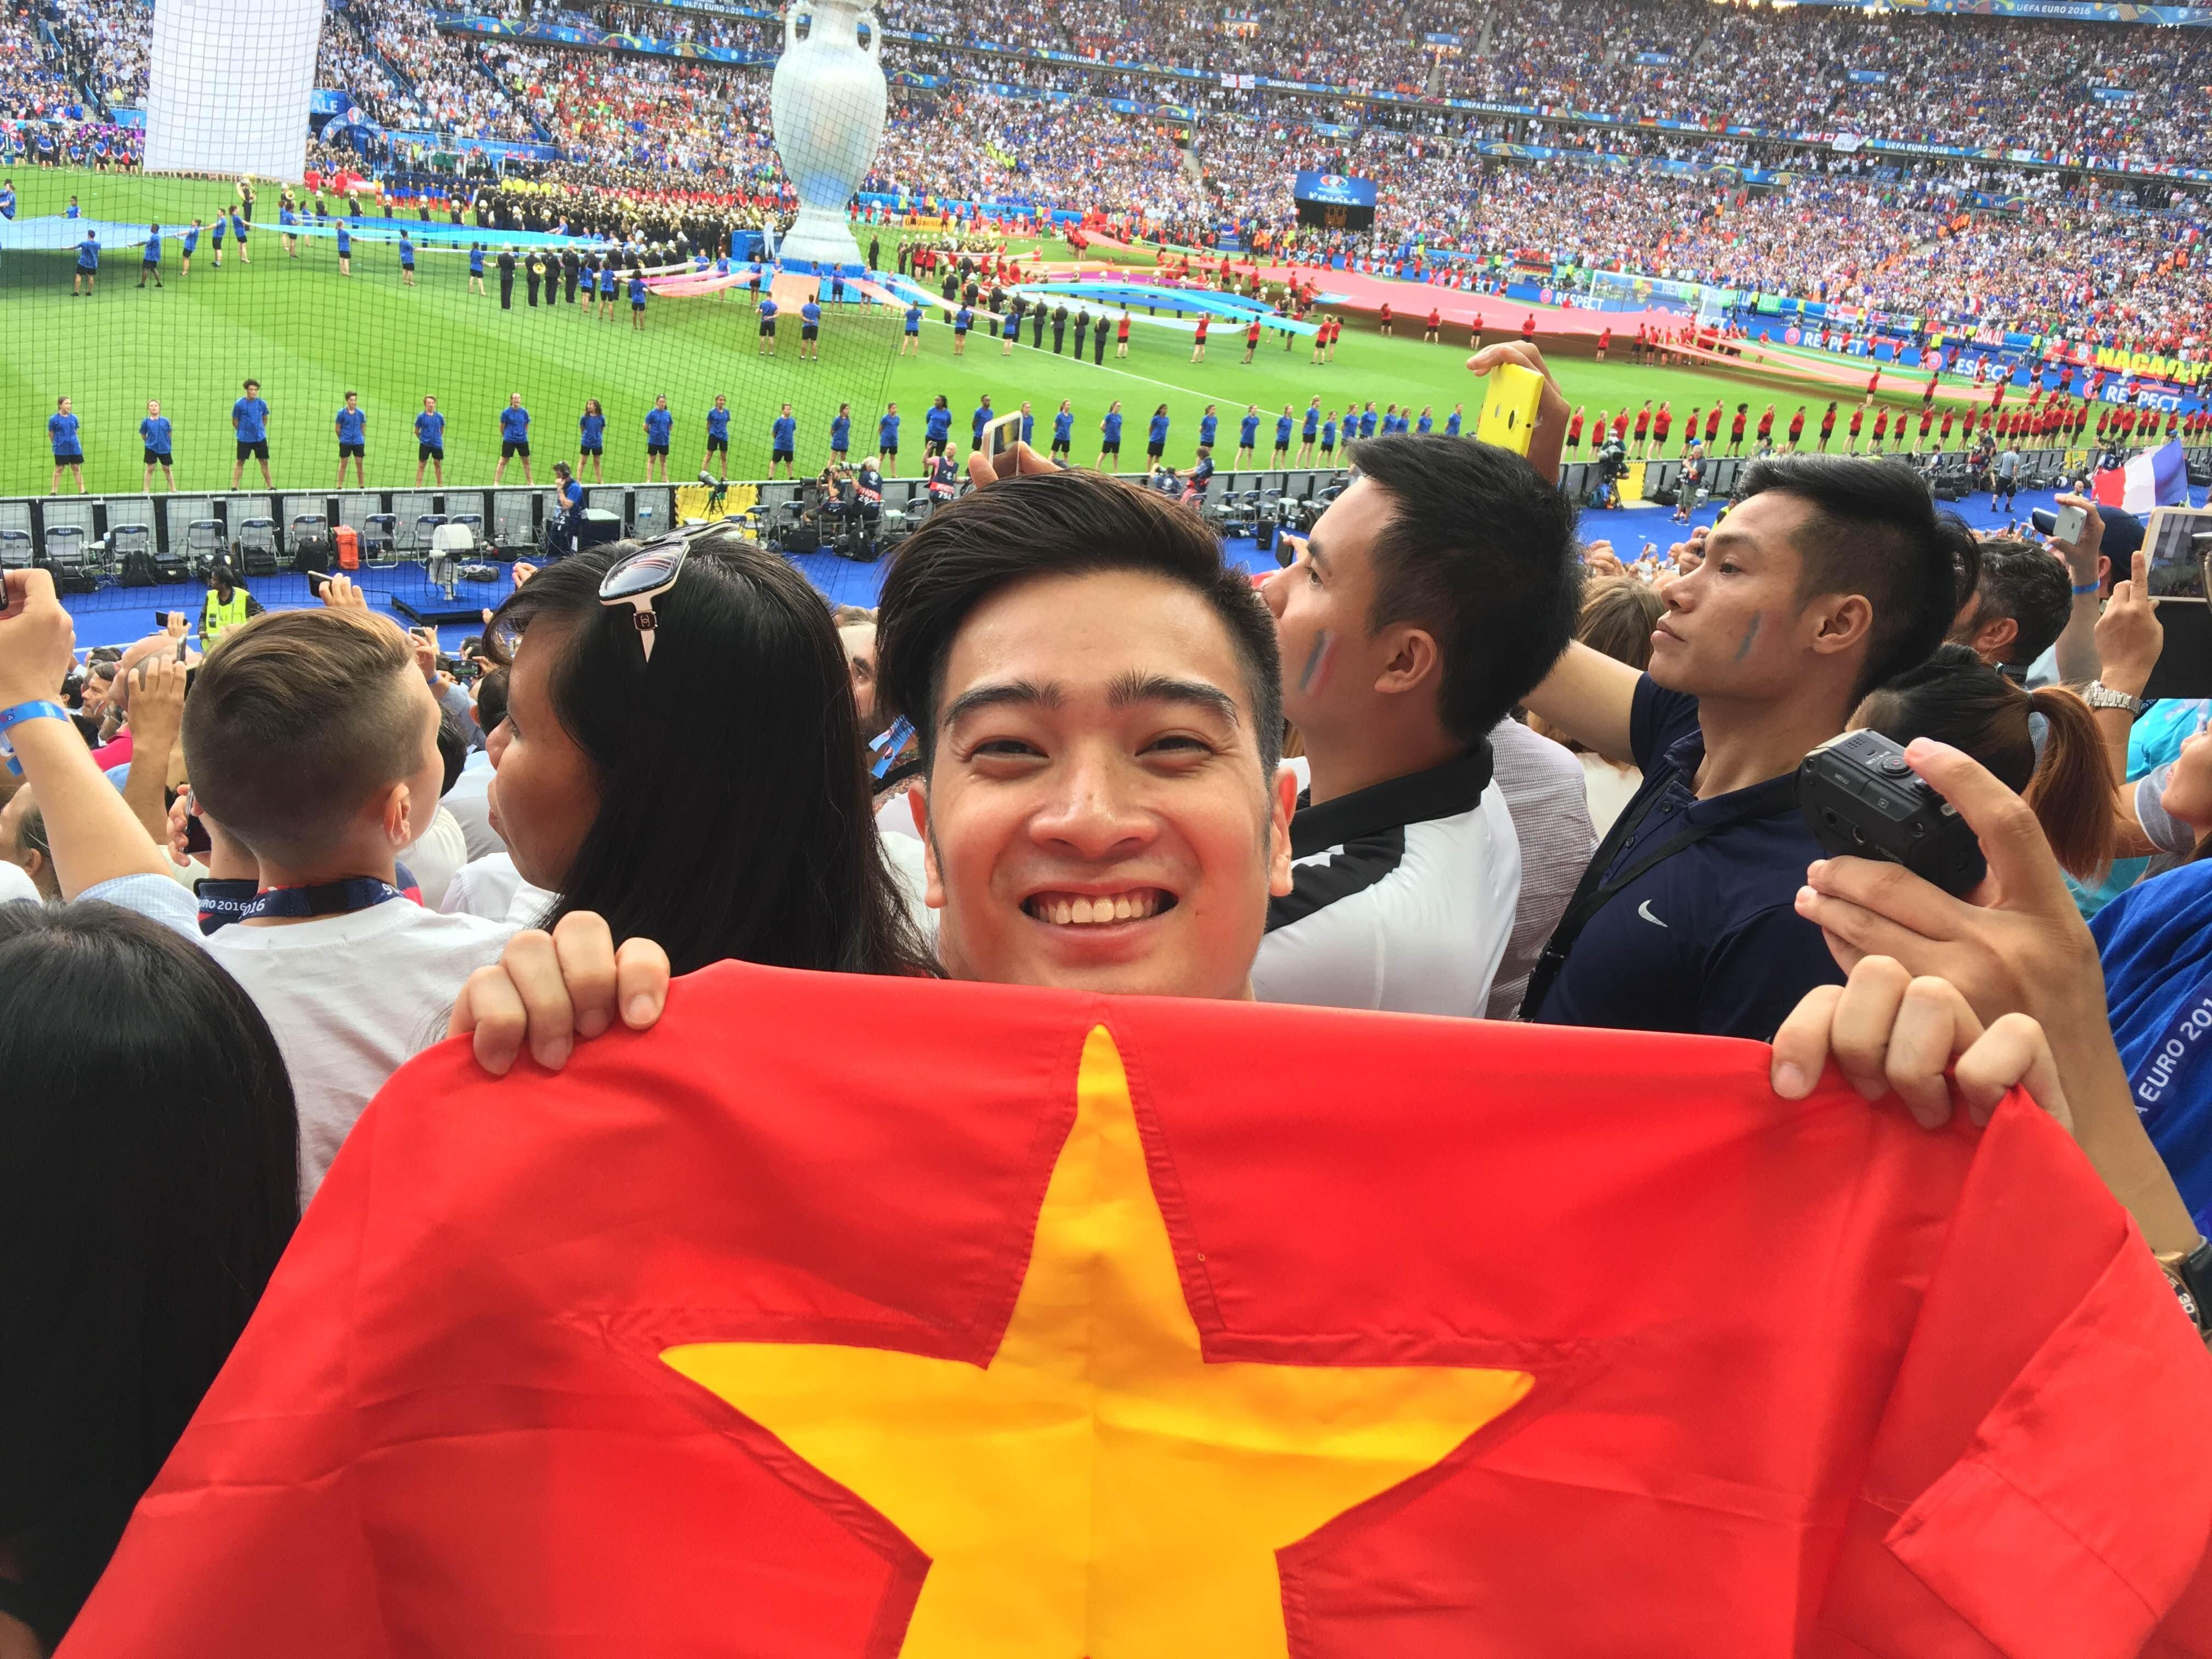 Slim V chia sẻ, dù không có mặt đội tuyển Việt Nam nhưng anh mong muốn hình ảnh Việt Nam và những khán giả Việt Nam tại sân bóng lừng lẫy nhất thế giới đang được sự quan tâm của khán giả toàn cầu này sẽ được biết đến.